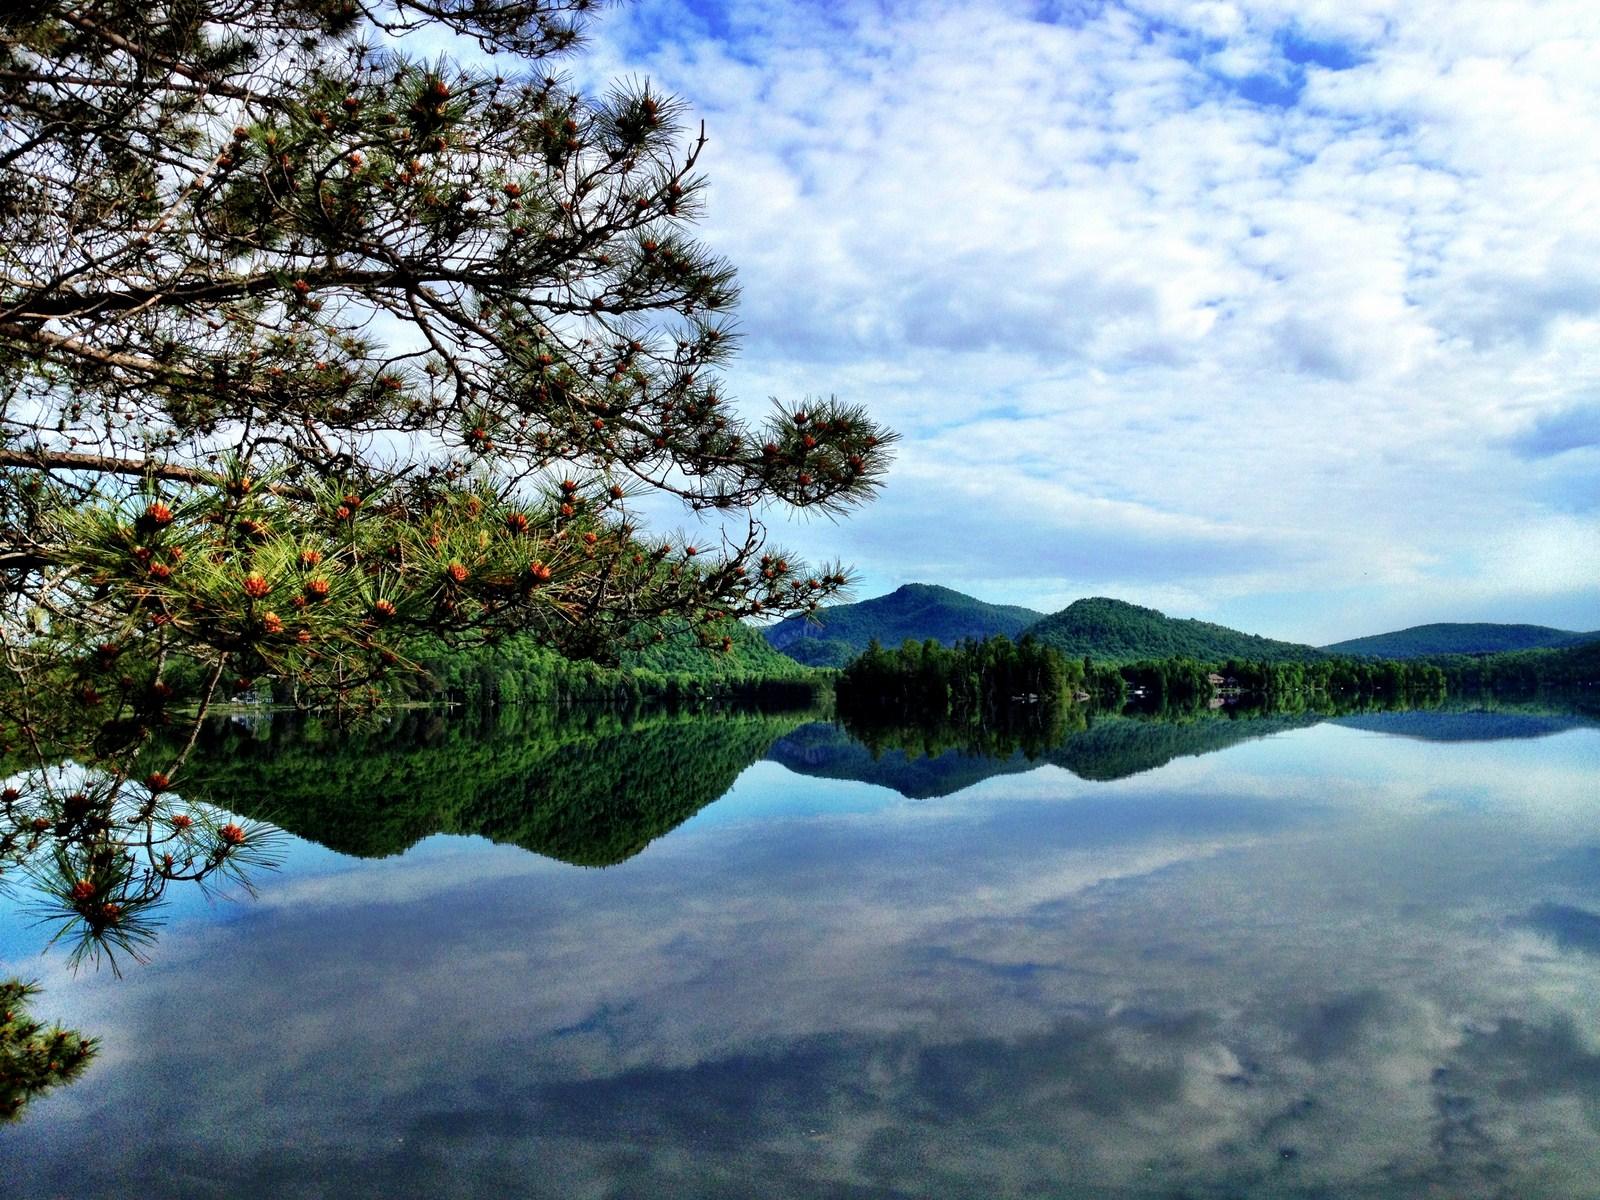 lac [1600x1200]